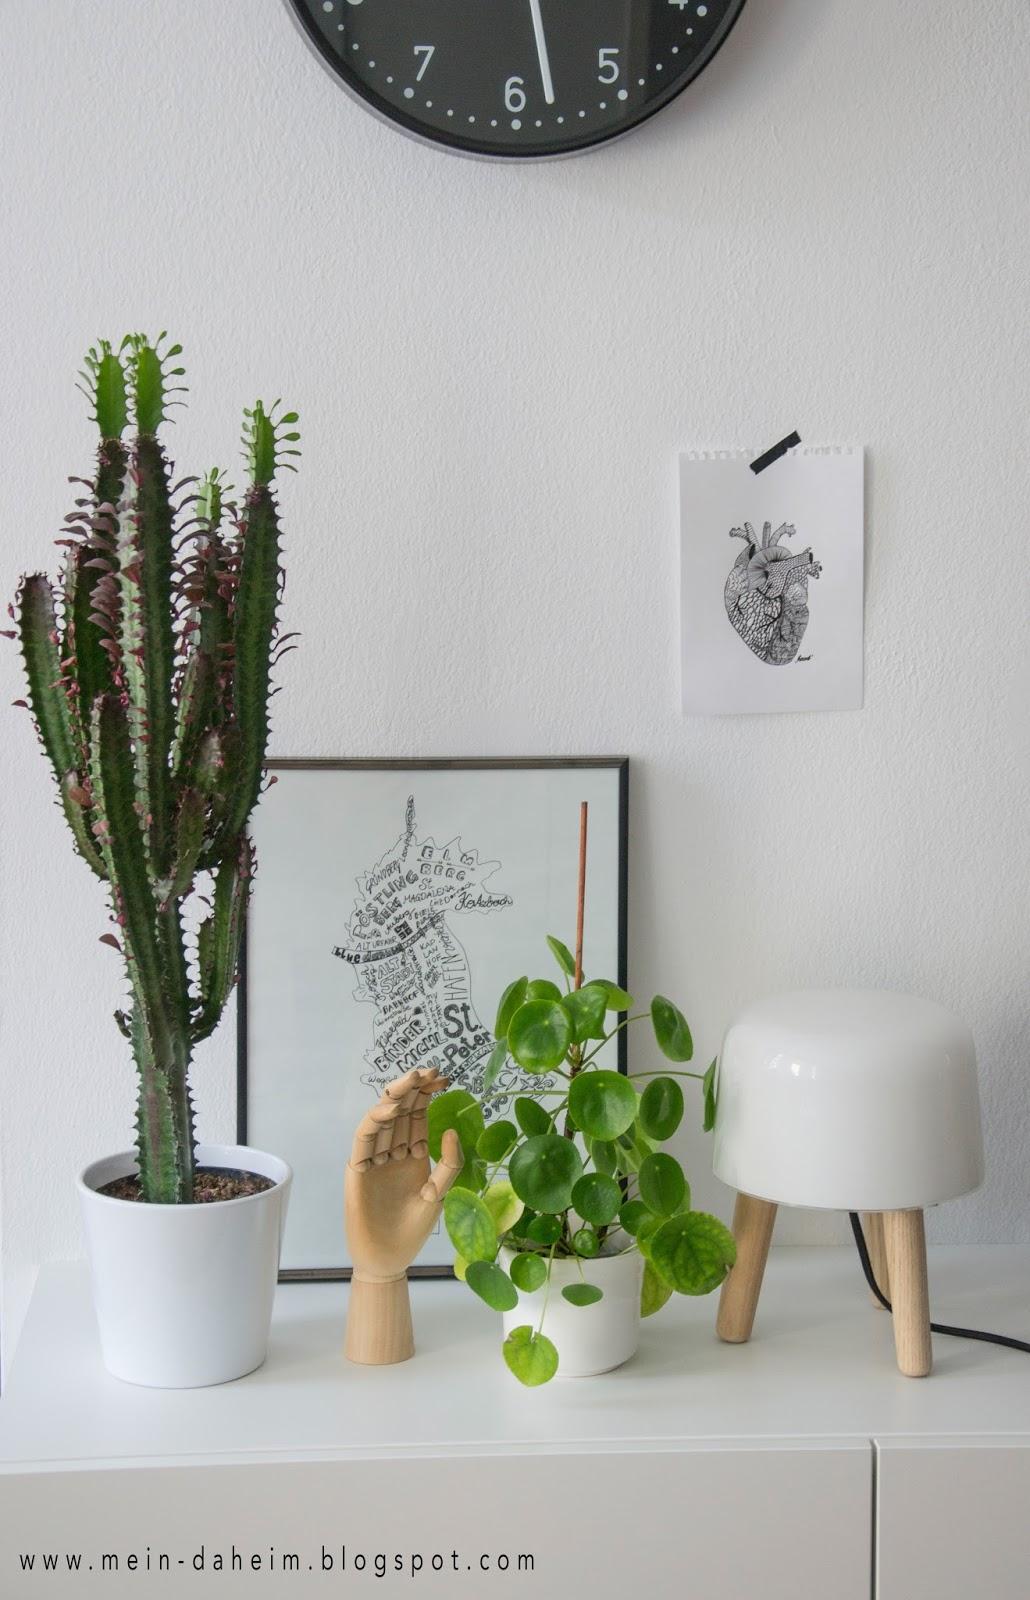 mein daheim interior modernes pflanzenteil aka pilea peperomioides. Black Bedroom Furniture Sets. Home Design Ideas